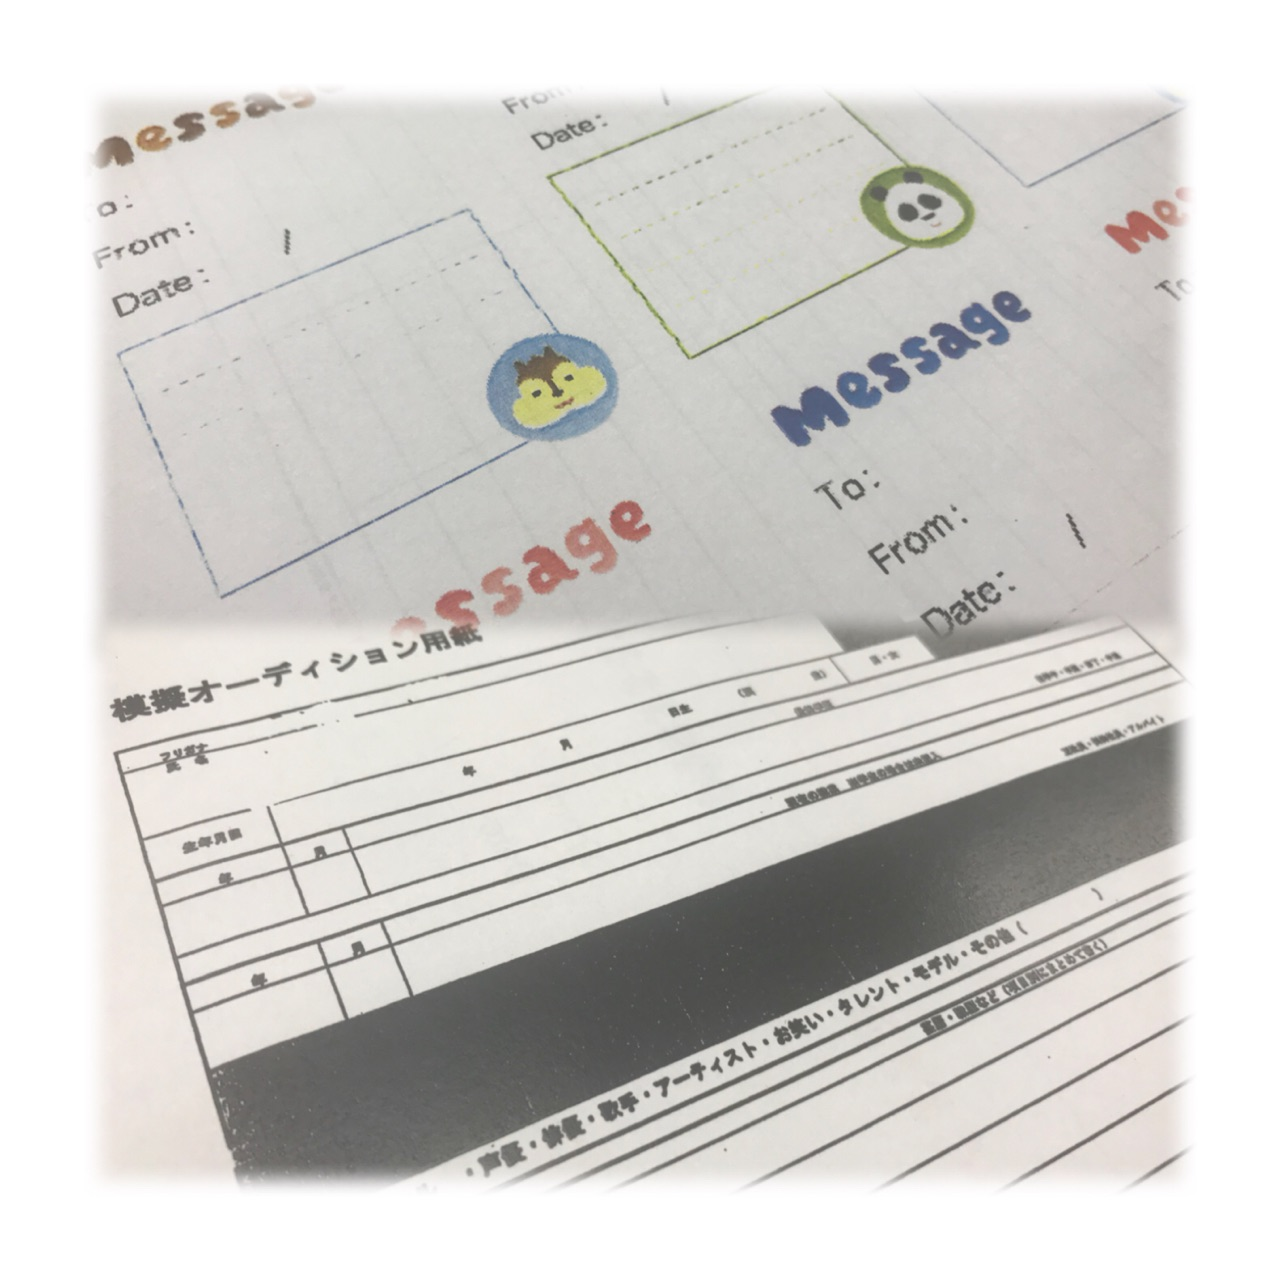 声優 俳優 レッスン プレ4.jpg